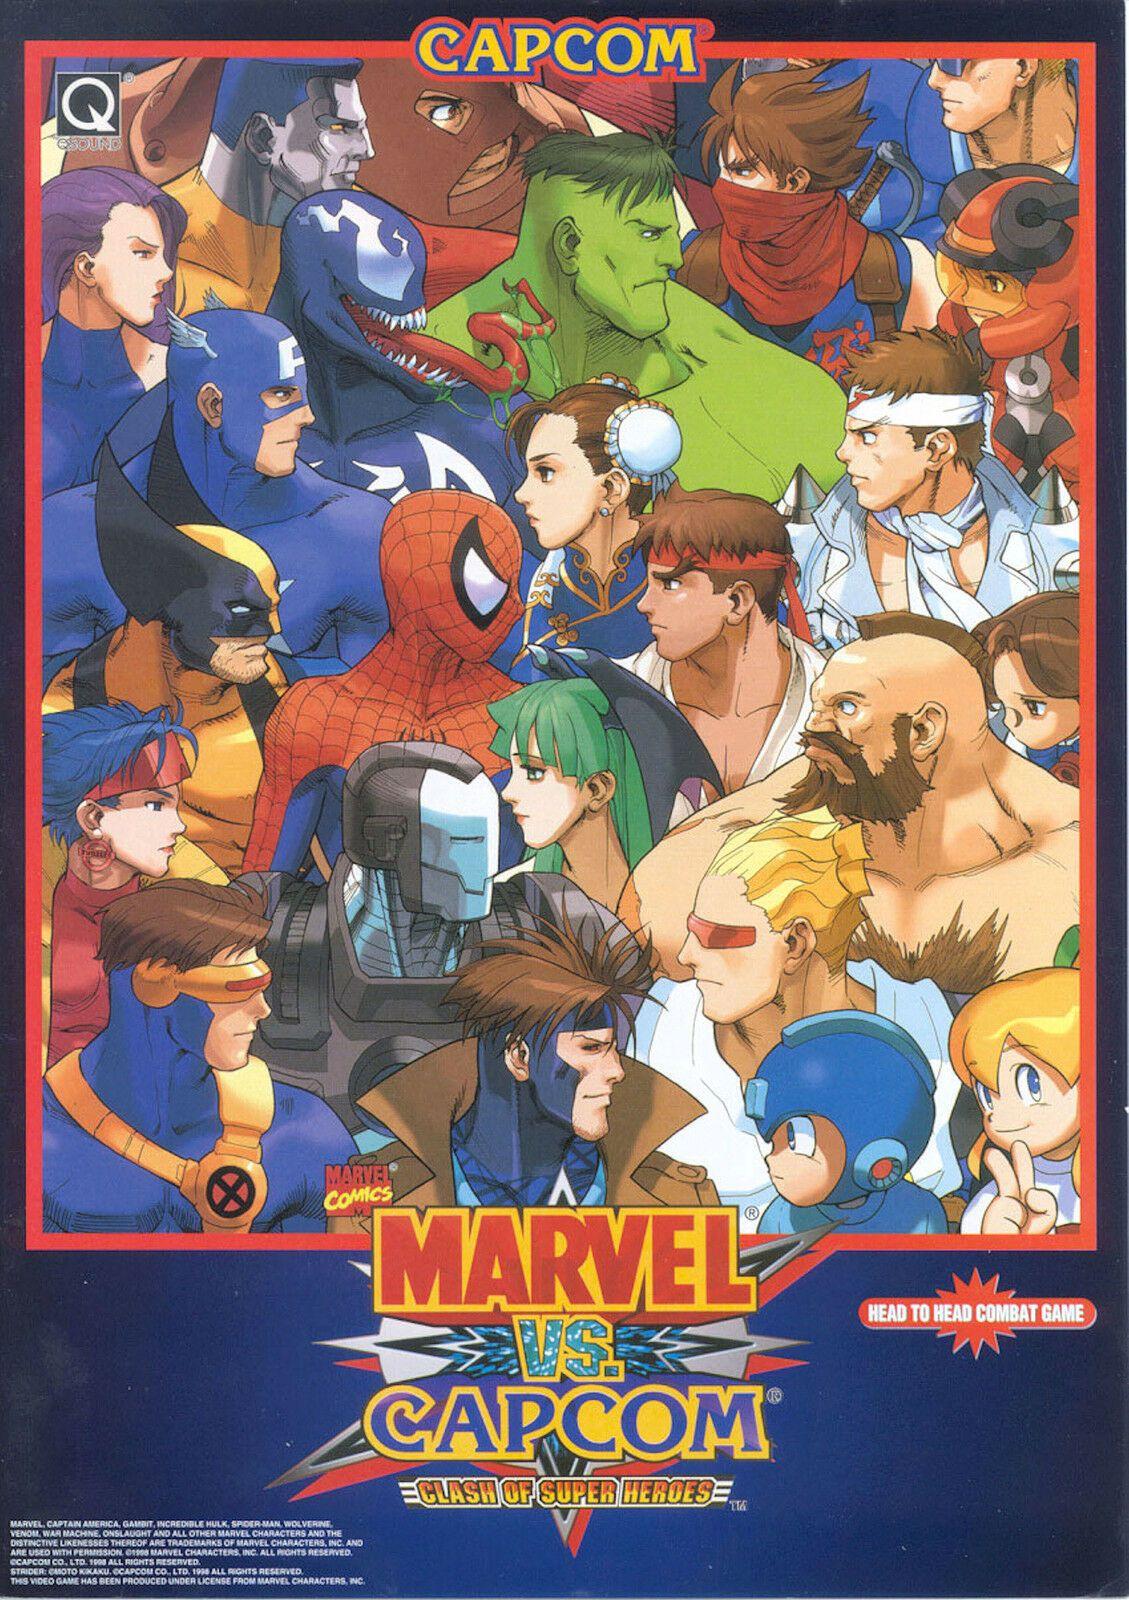 Marvel Vs Capcom Video Game Promo Poster Ebay Marvel Vs Capcom Capcom Art Capcom Vs